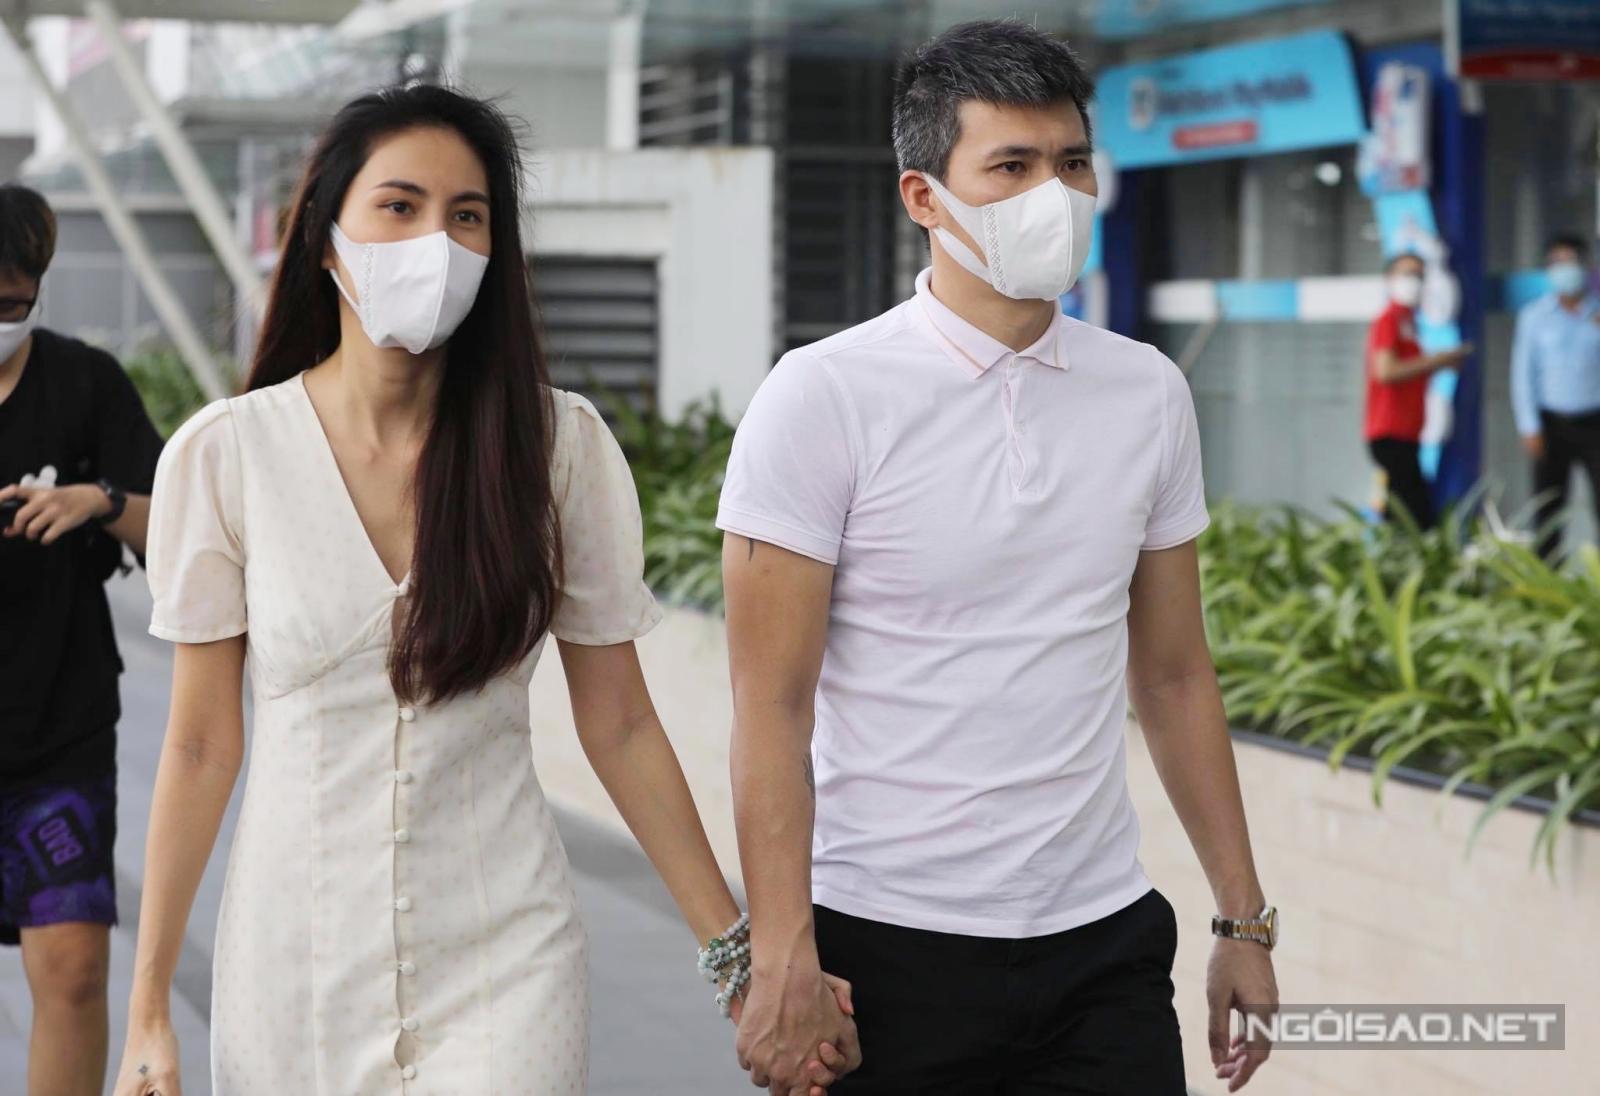 Vợ chồng Thủy Tiên ăn mặc giản dị, tiến đến chi nhánh một ngân hàng ở quận 7 để tiến hành sao kê như đã công bố trước đó.